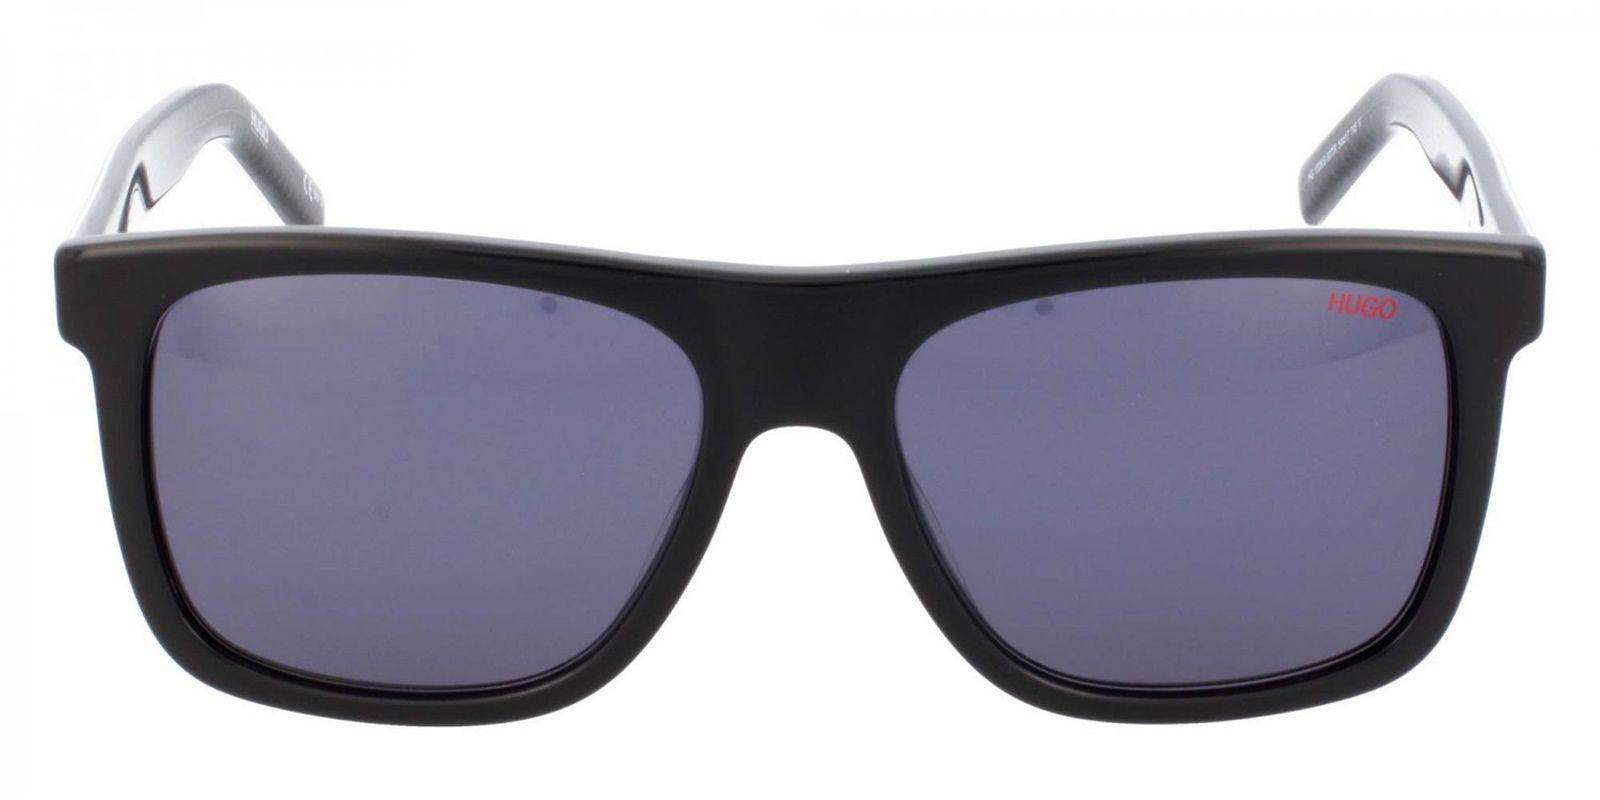 Óculos de Sol Hugo BOSS HG1009 S 807IR - Omega Ótica e Relojoaria 157ee79590